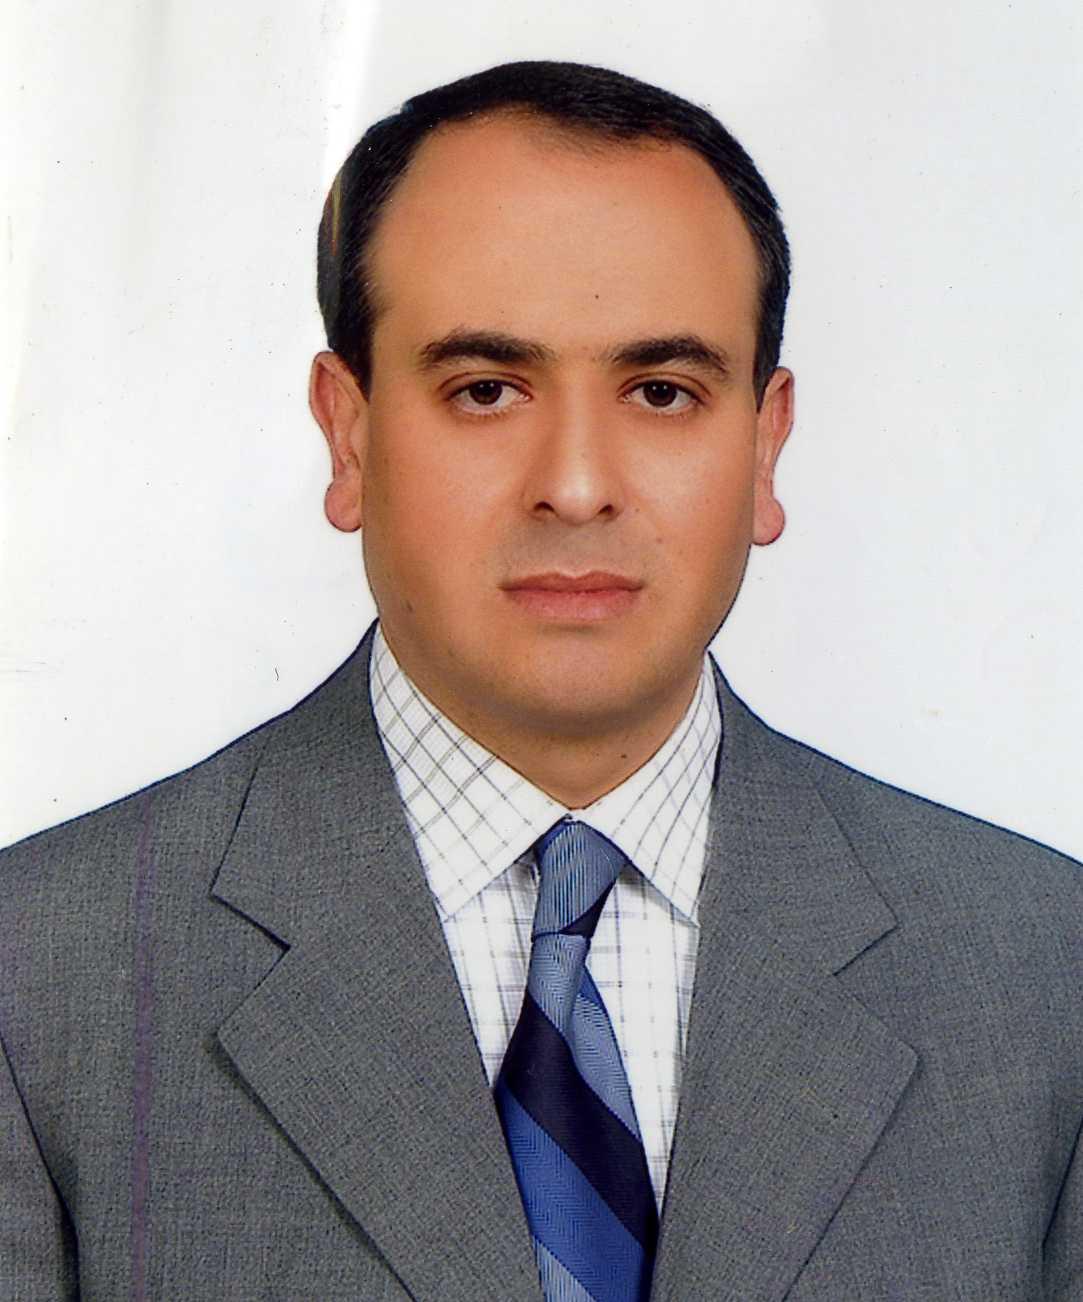 Abdurrahman Işıkdoğan